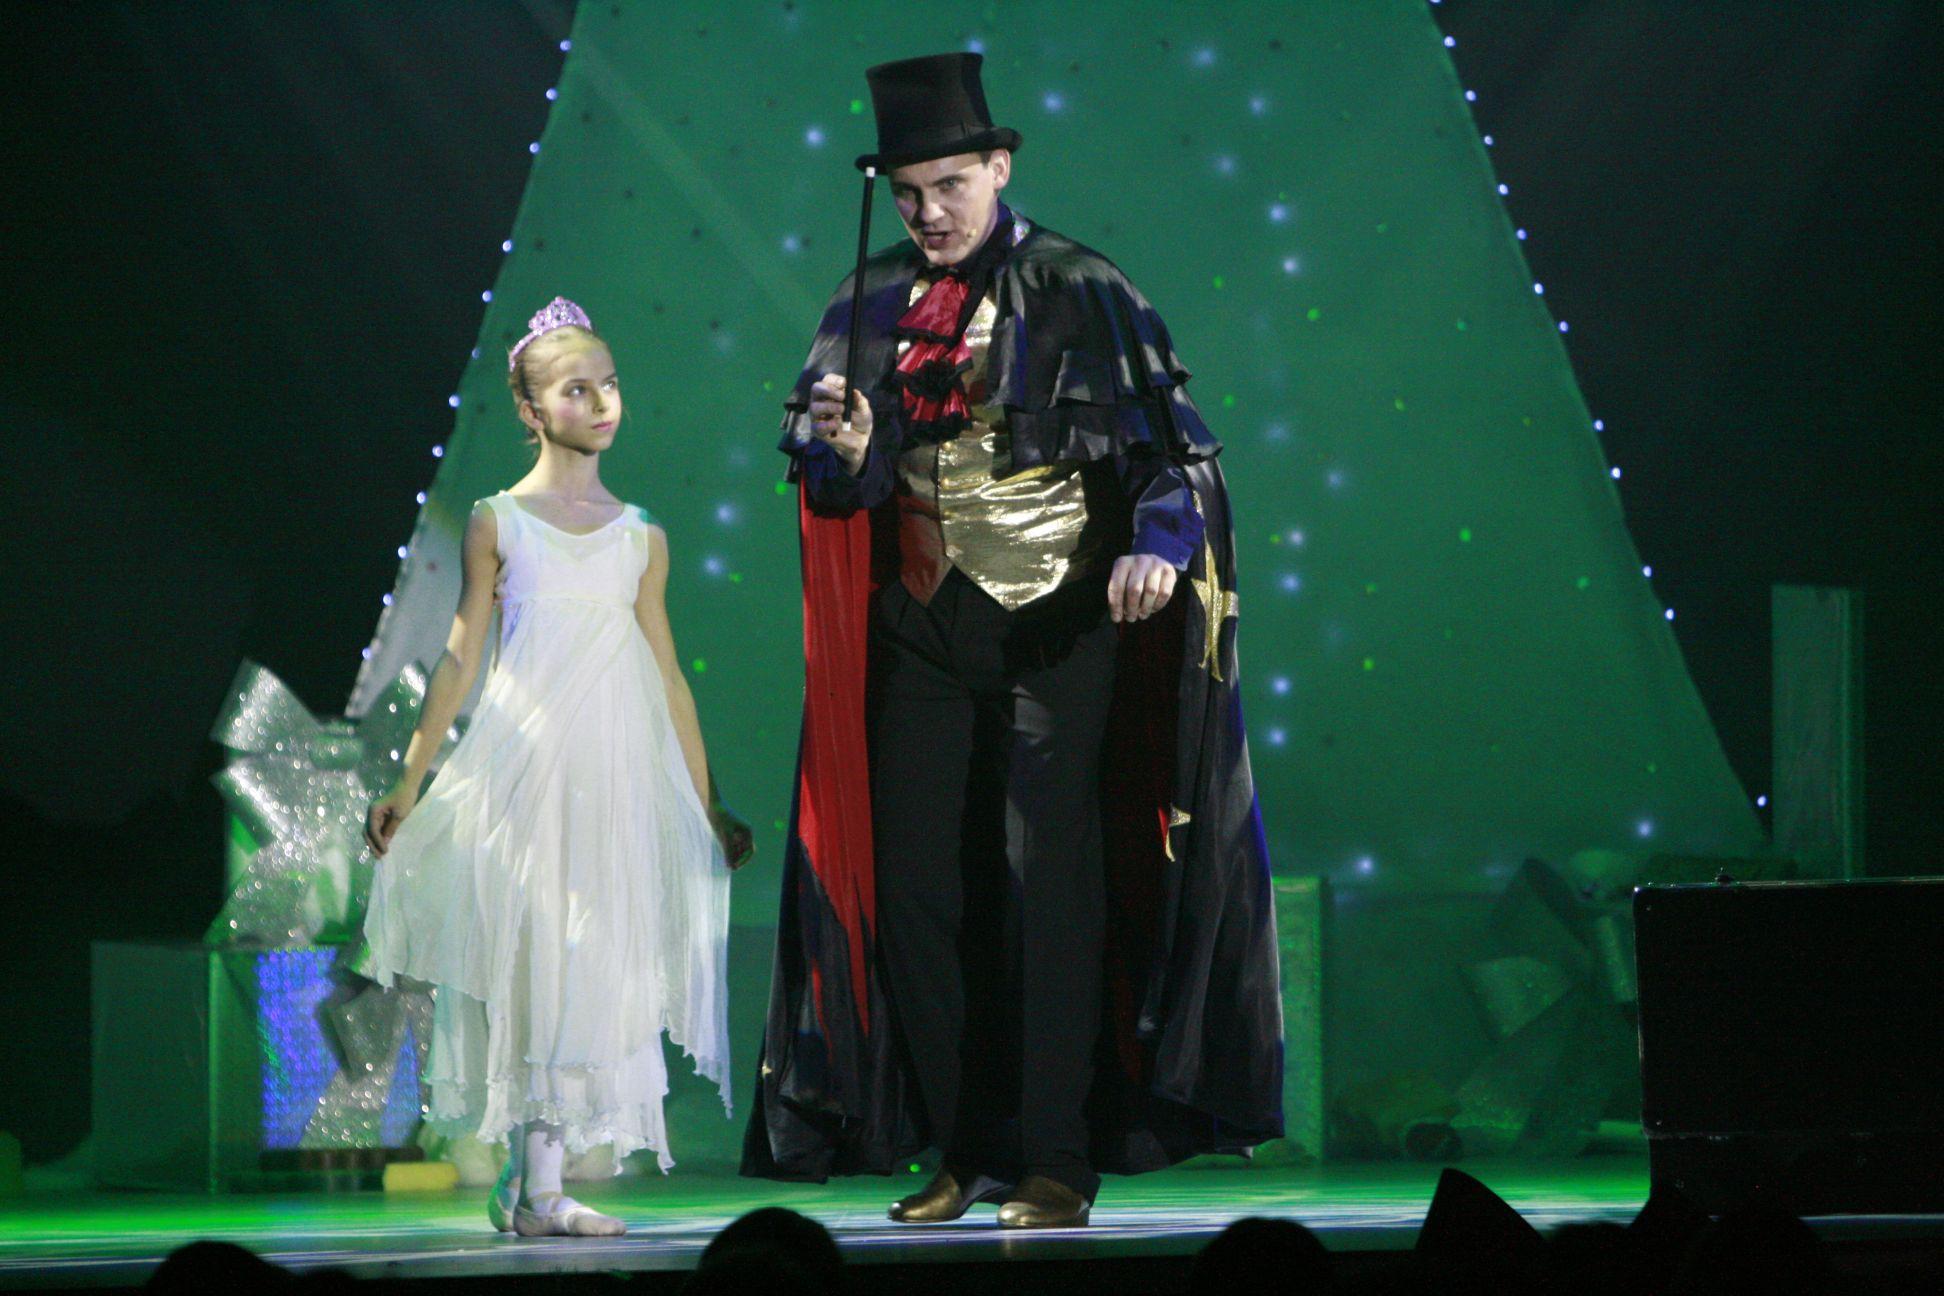 nowe wydanie Nowa kolekcja Hurt Balet Dziadek do orzechów - Teatr Palladium